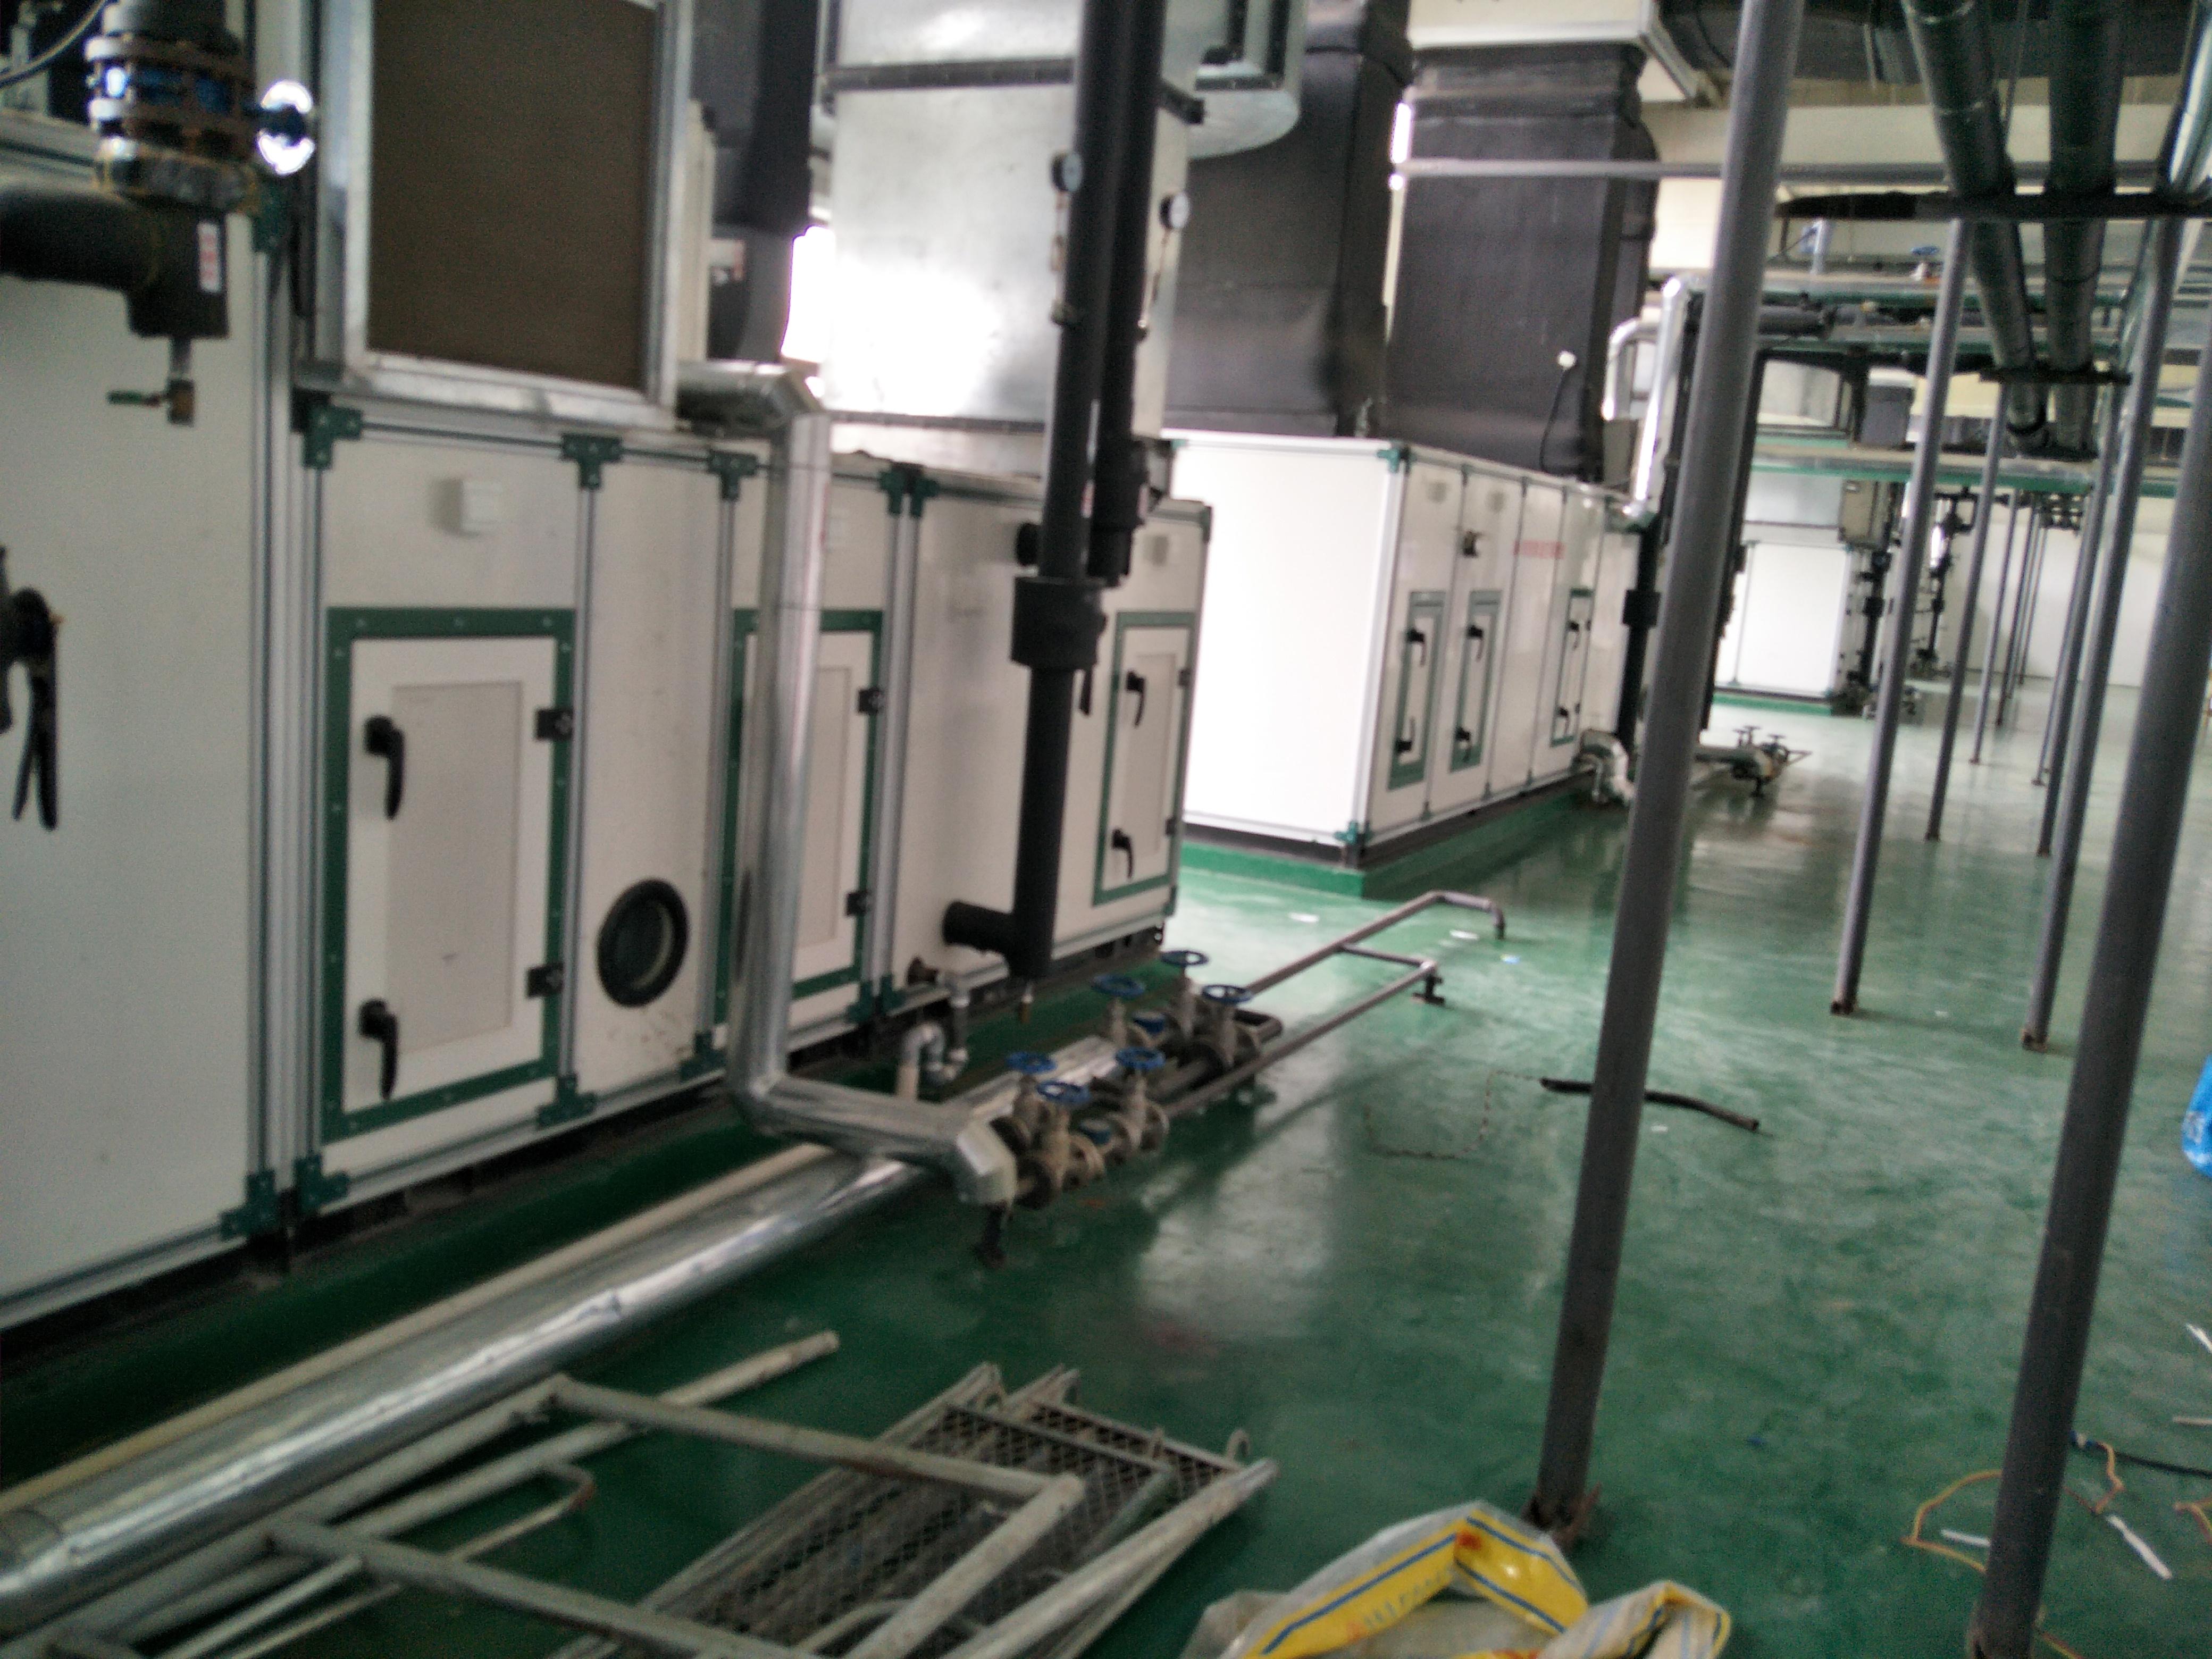 冷冻机组   转轮除湿机   净化空调